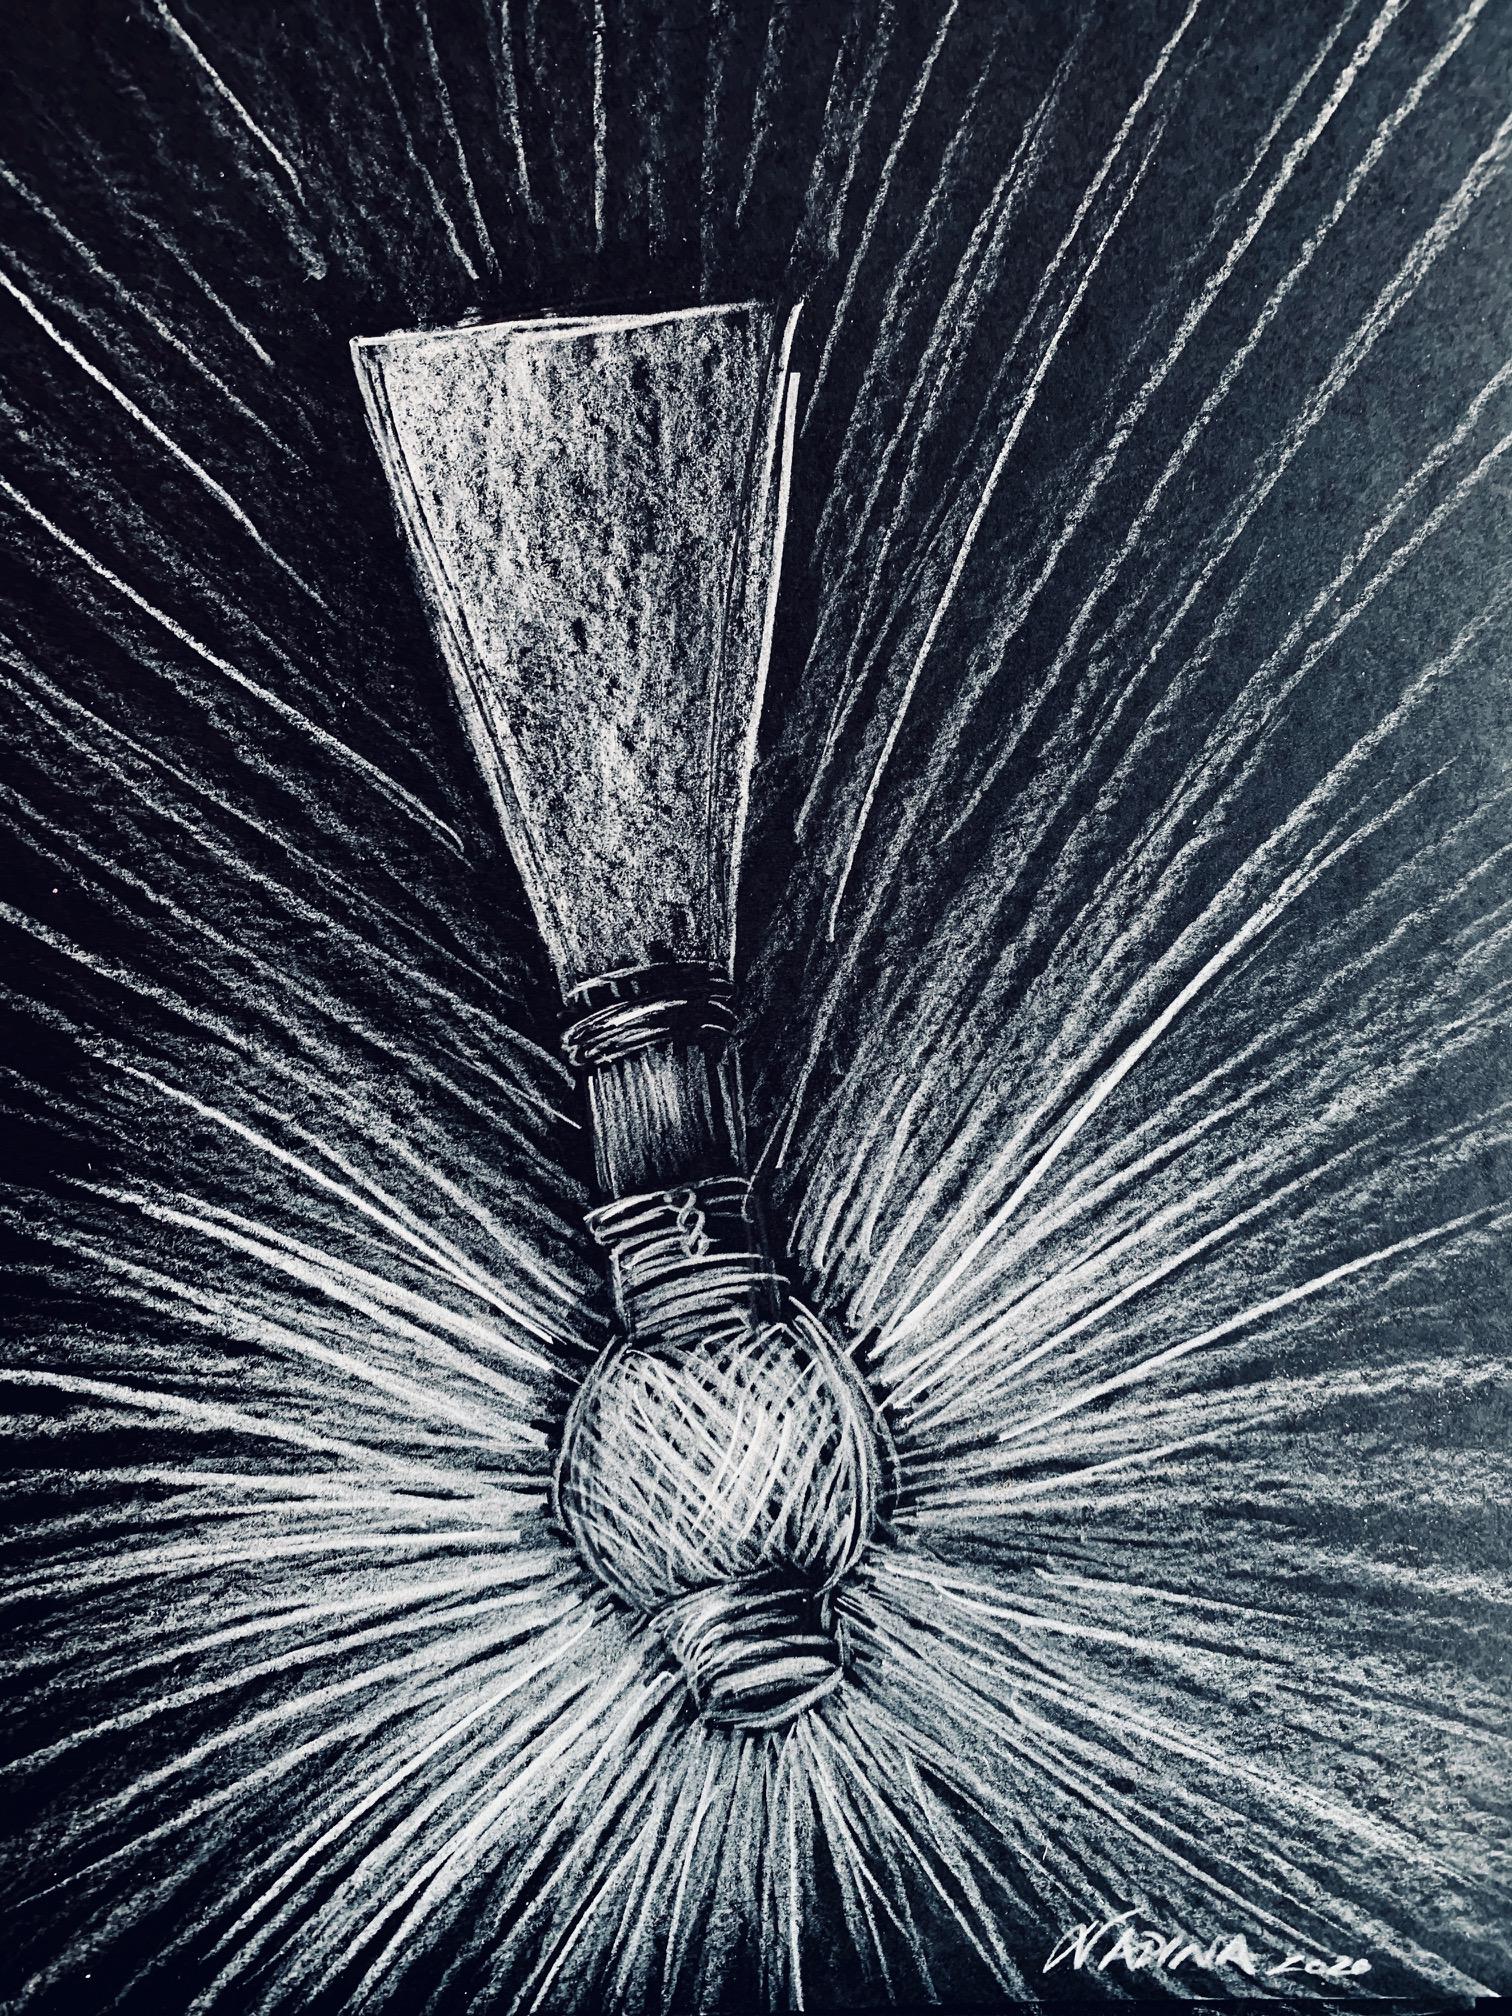 fil blanc, white thread, anche de bassoon